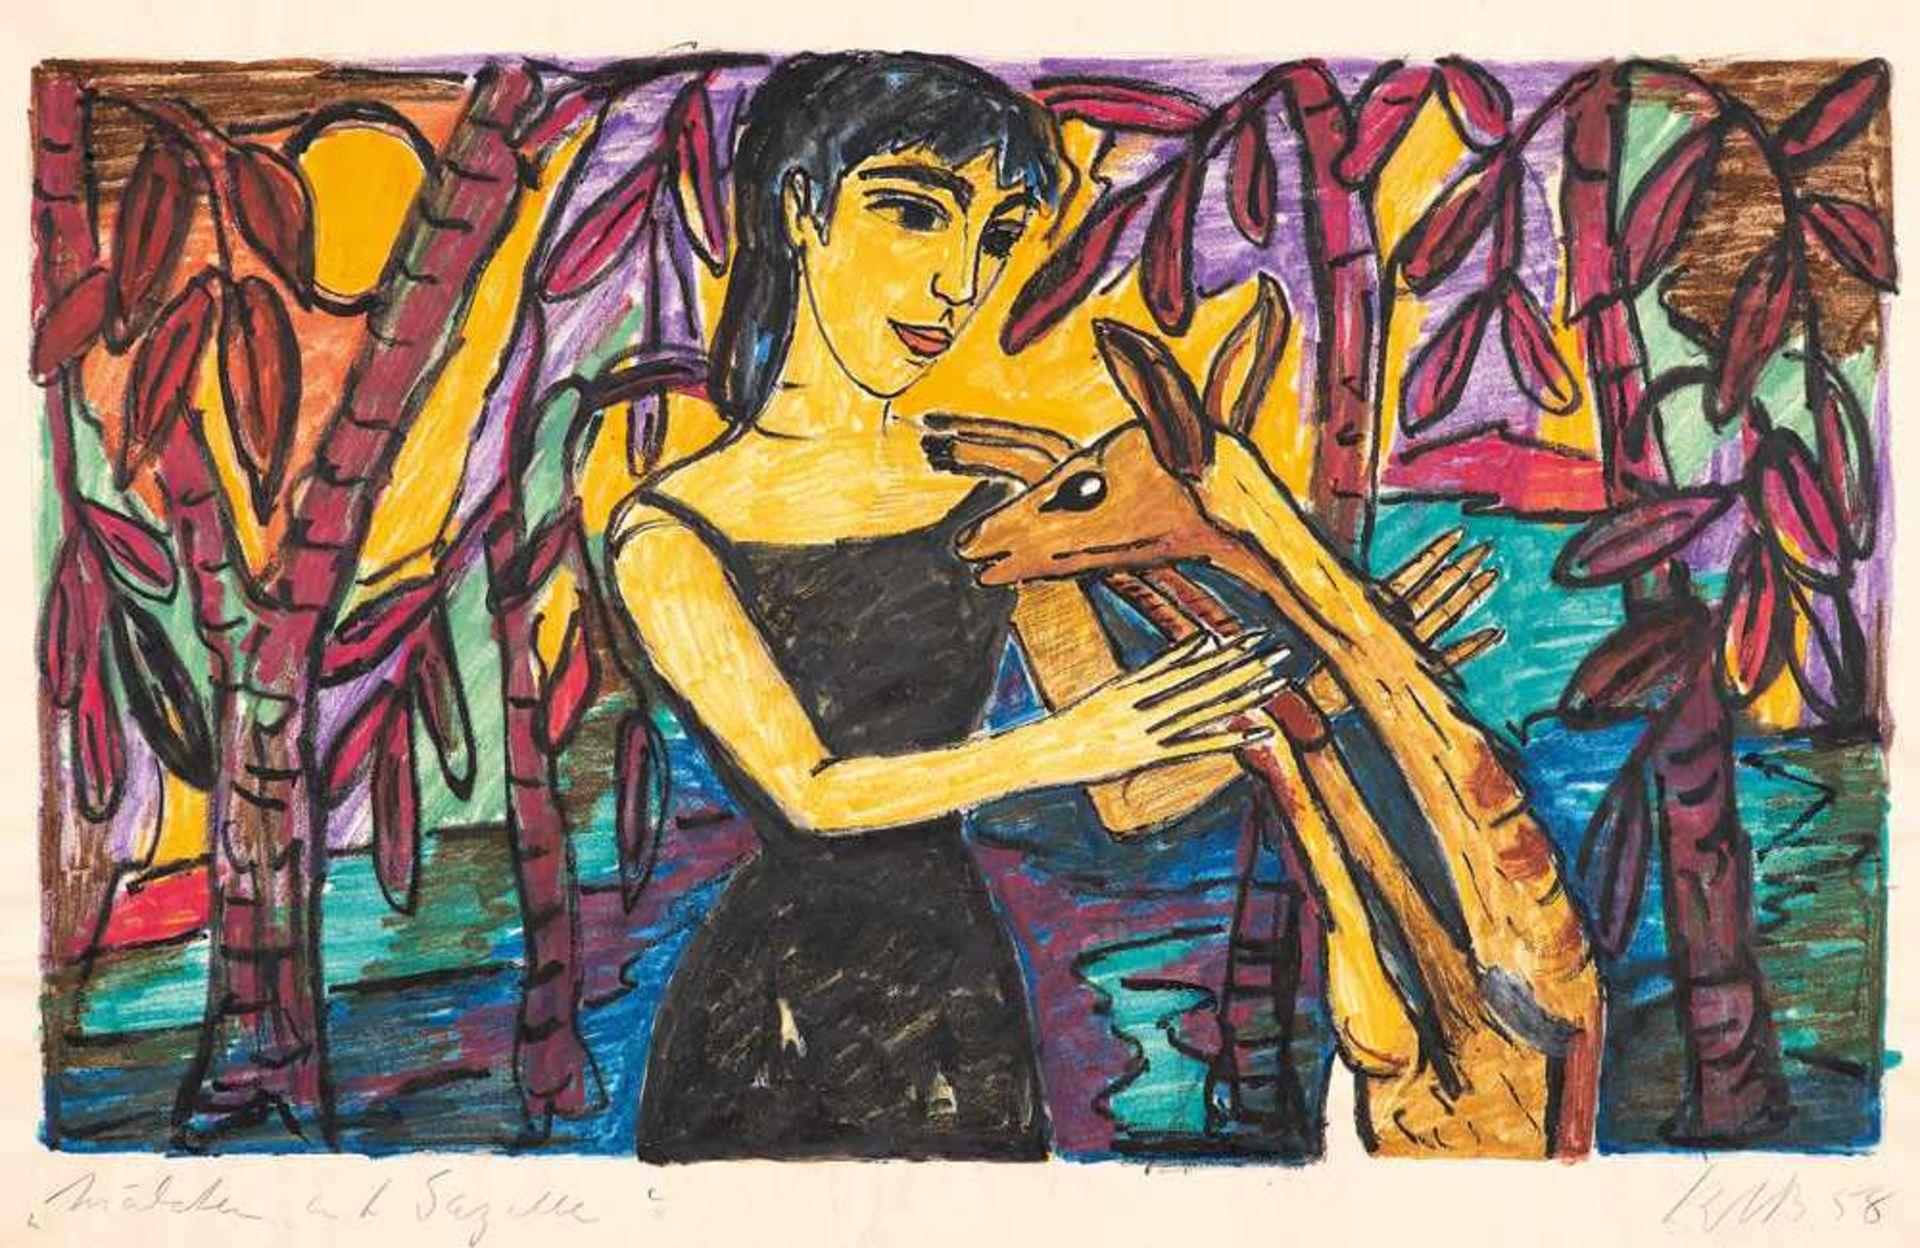 Kate Diehn-Bitt (1900 Berlin - 1978 Rostock)Mädchen mit Gazelle.Aquarellstift. 1958. 325 x 540 mm (